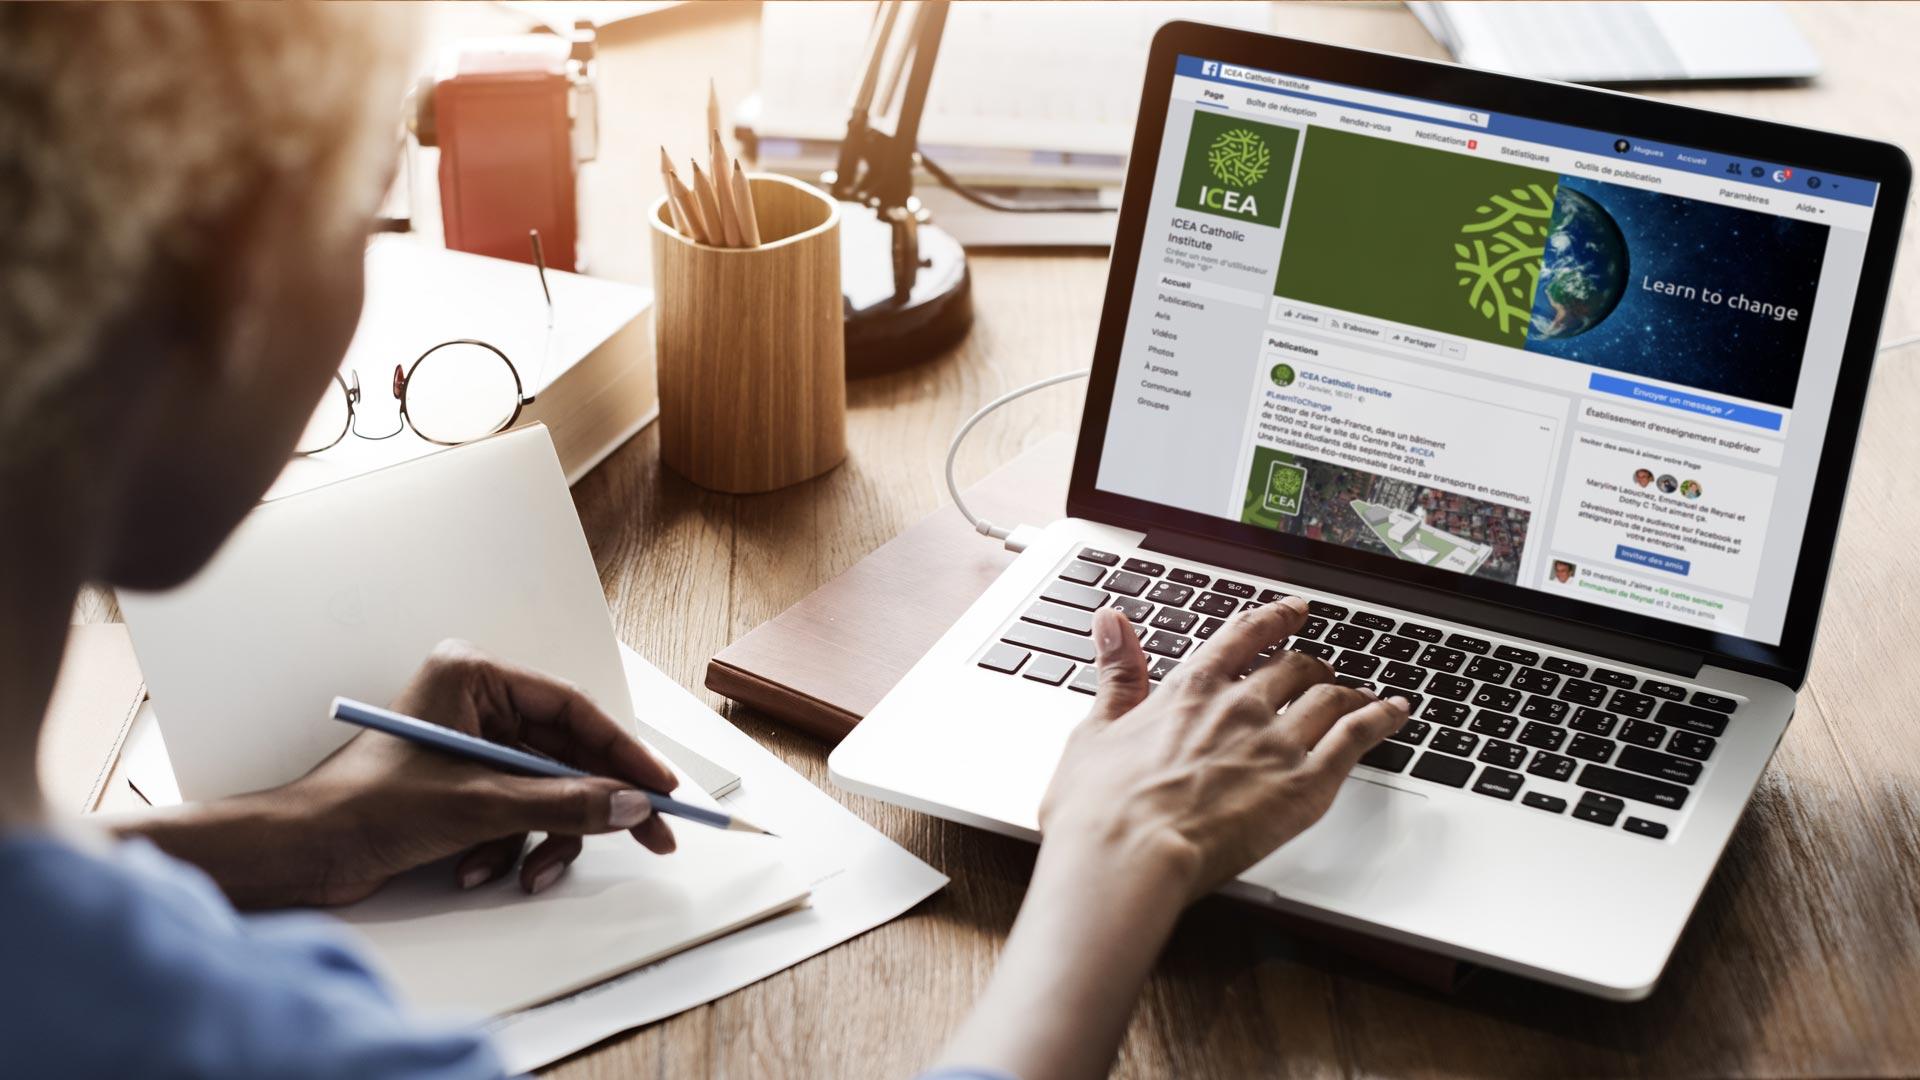 Portfilio ICEA réalisation havas c'direct Agence Conseil Communication Publicité Développement Web